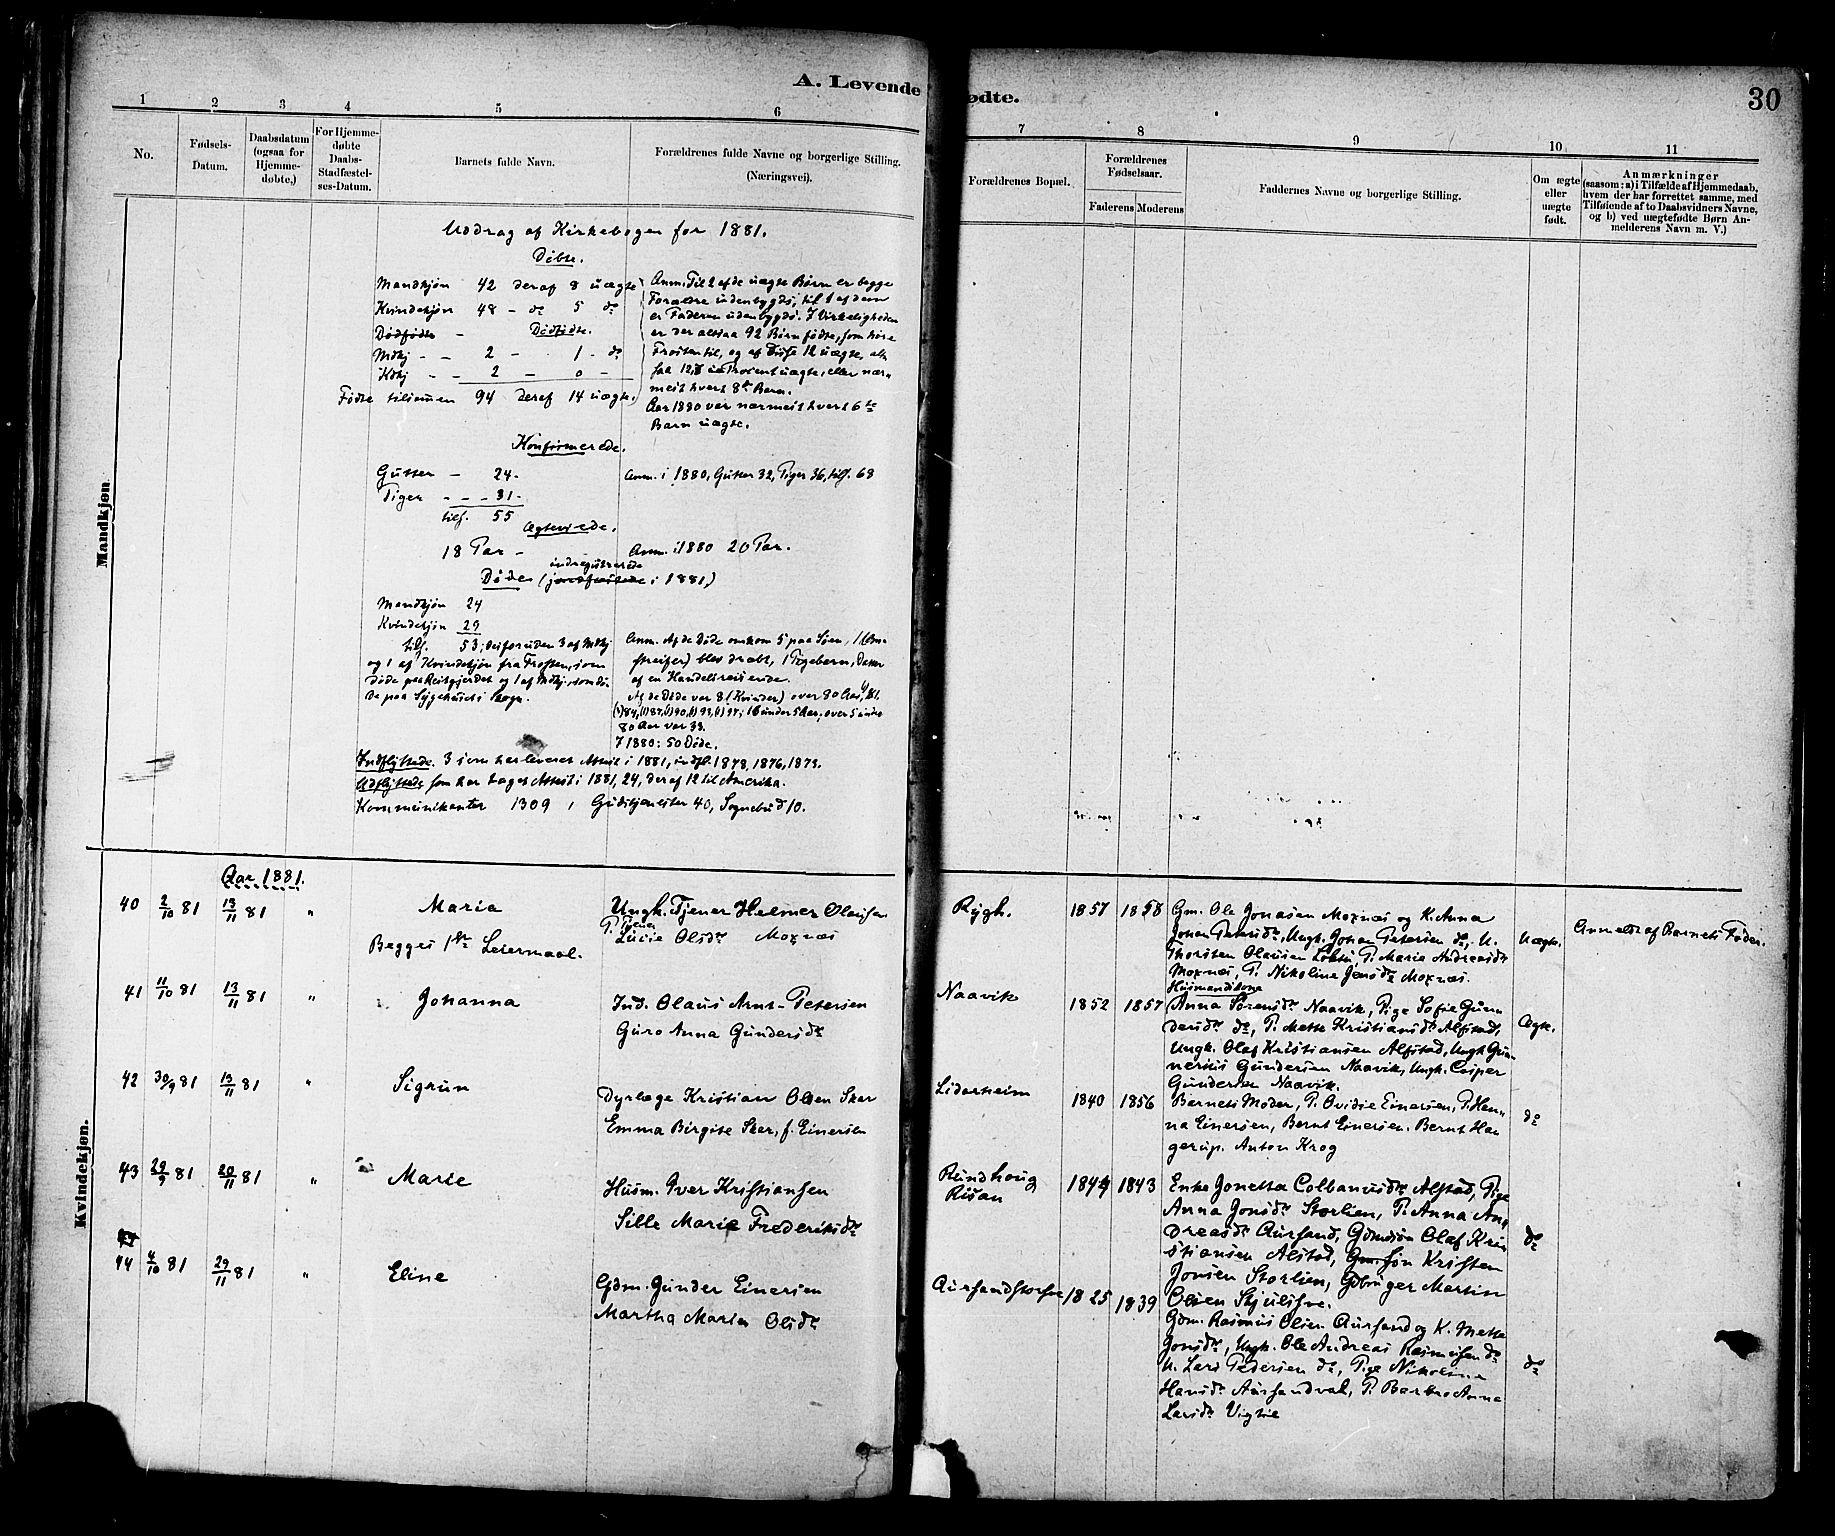 SAT, Ministerialprotokoller, klokkerbøker og fødselsregistre - Nord-Trøndelag, 713/L0120: Ministerialbok nr. 713A09, 1878-1887, s. 30